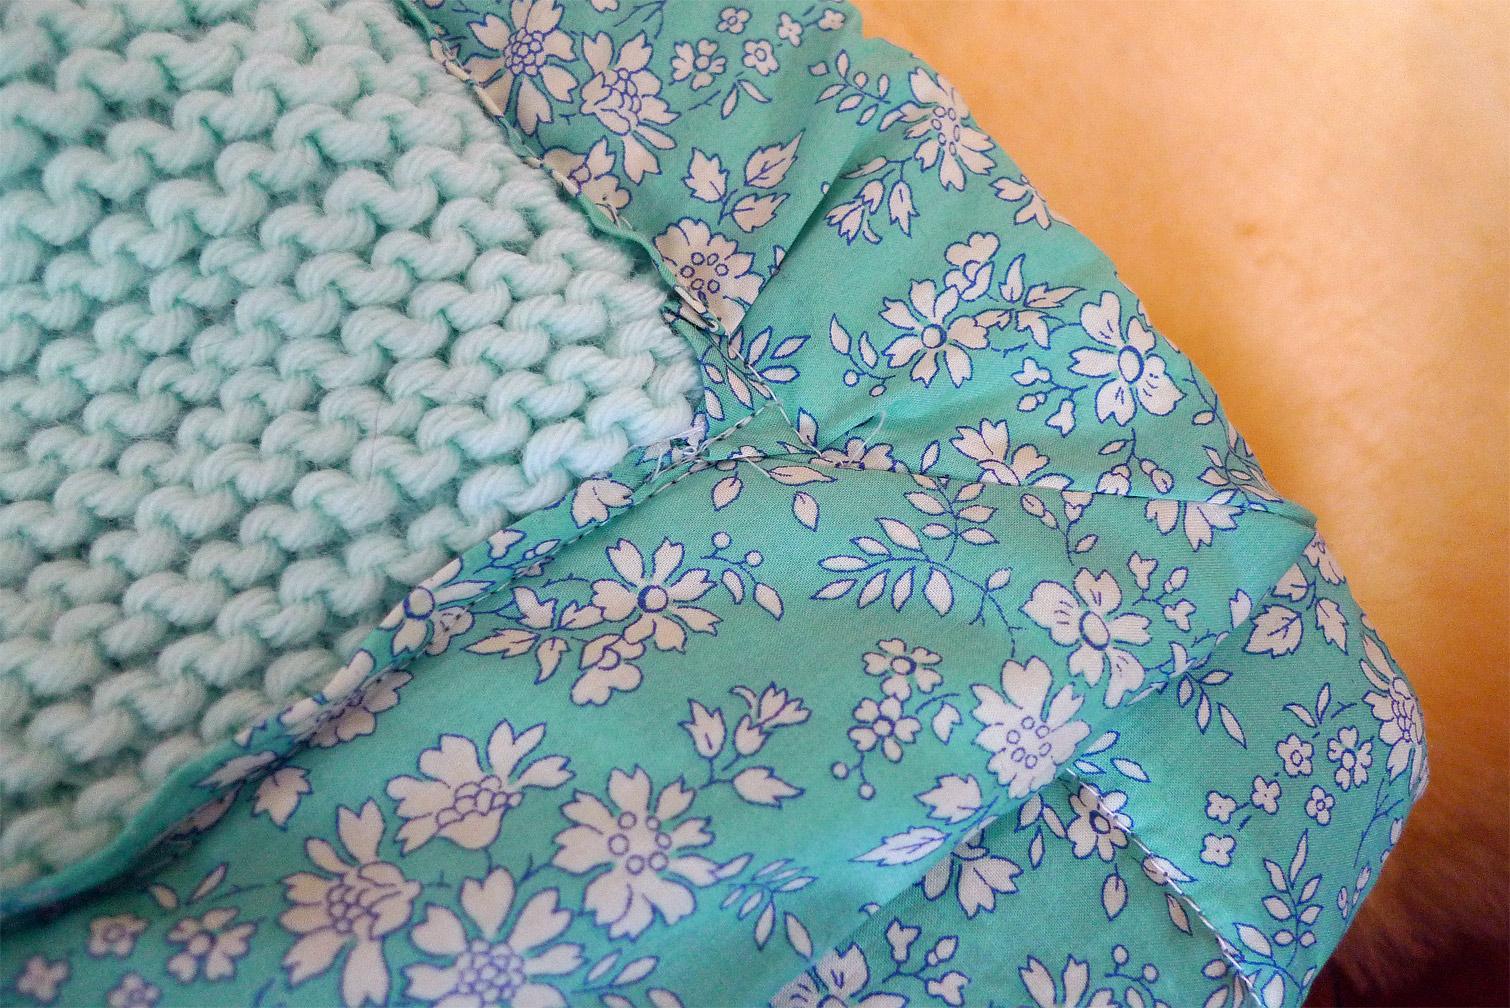 Tuto tricoter et doubler un plaid pour b b fafaille - Plaid en laine tricotee ...